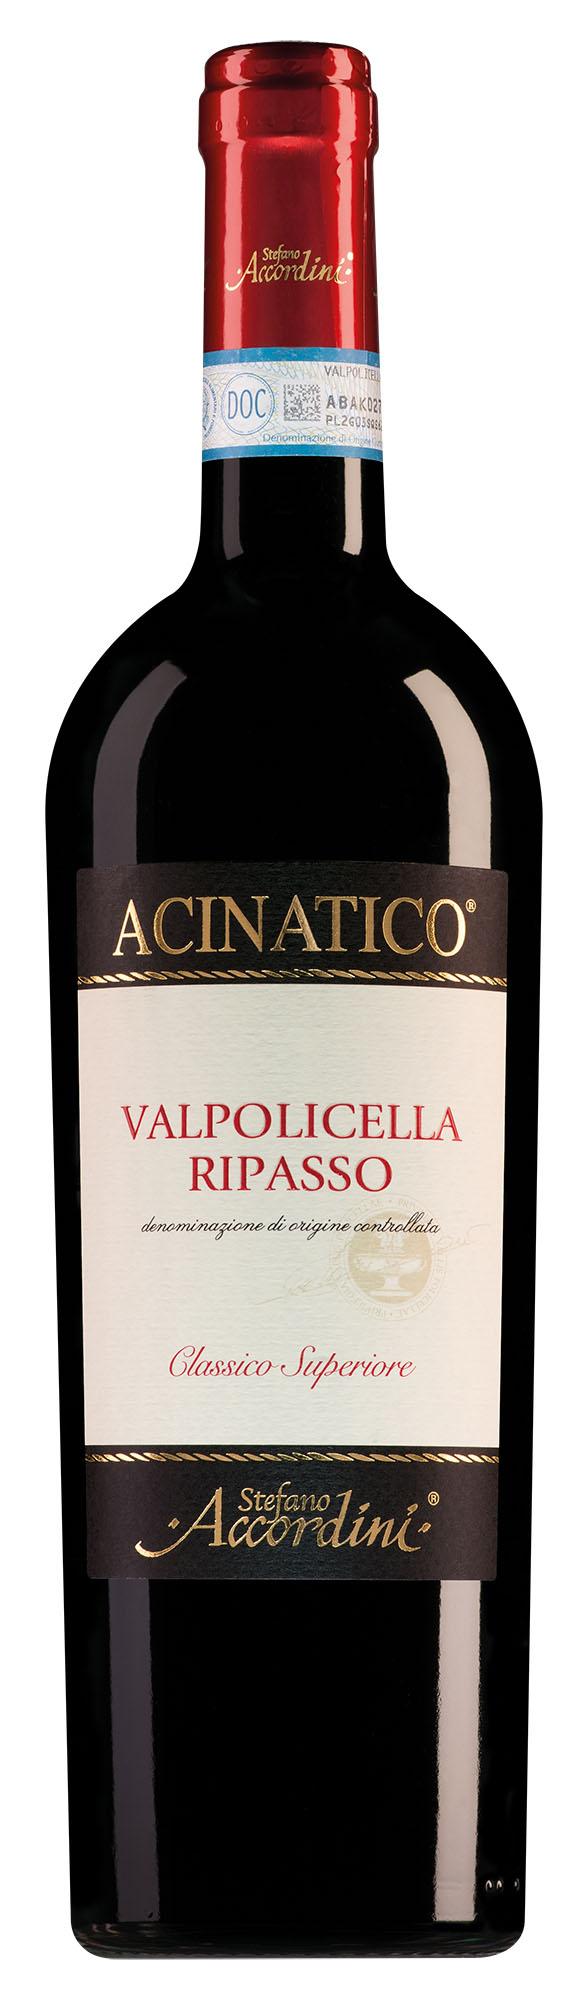 Stefano Accordini Valpolicella Ripasso Classico Superiore